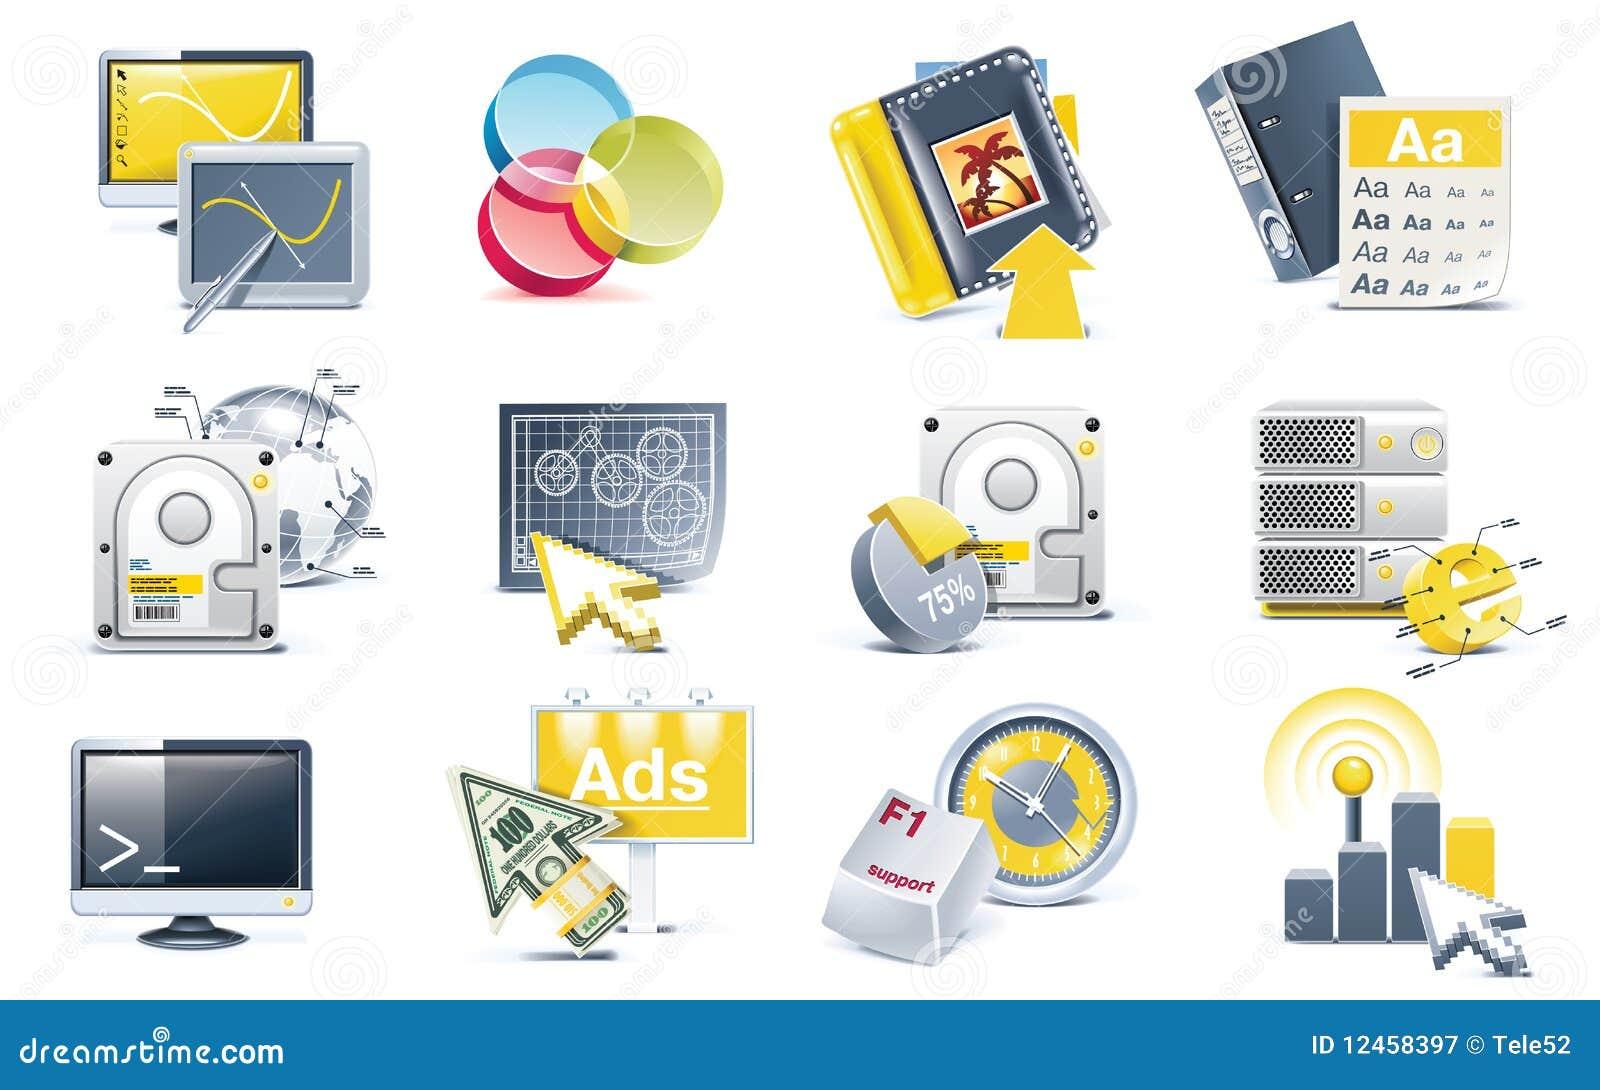 发展图标集合向量网站